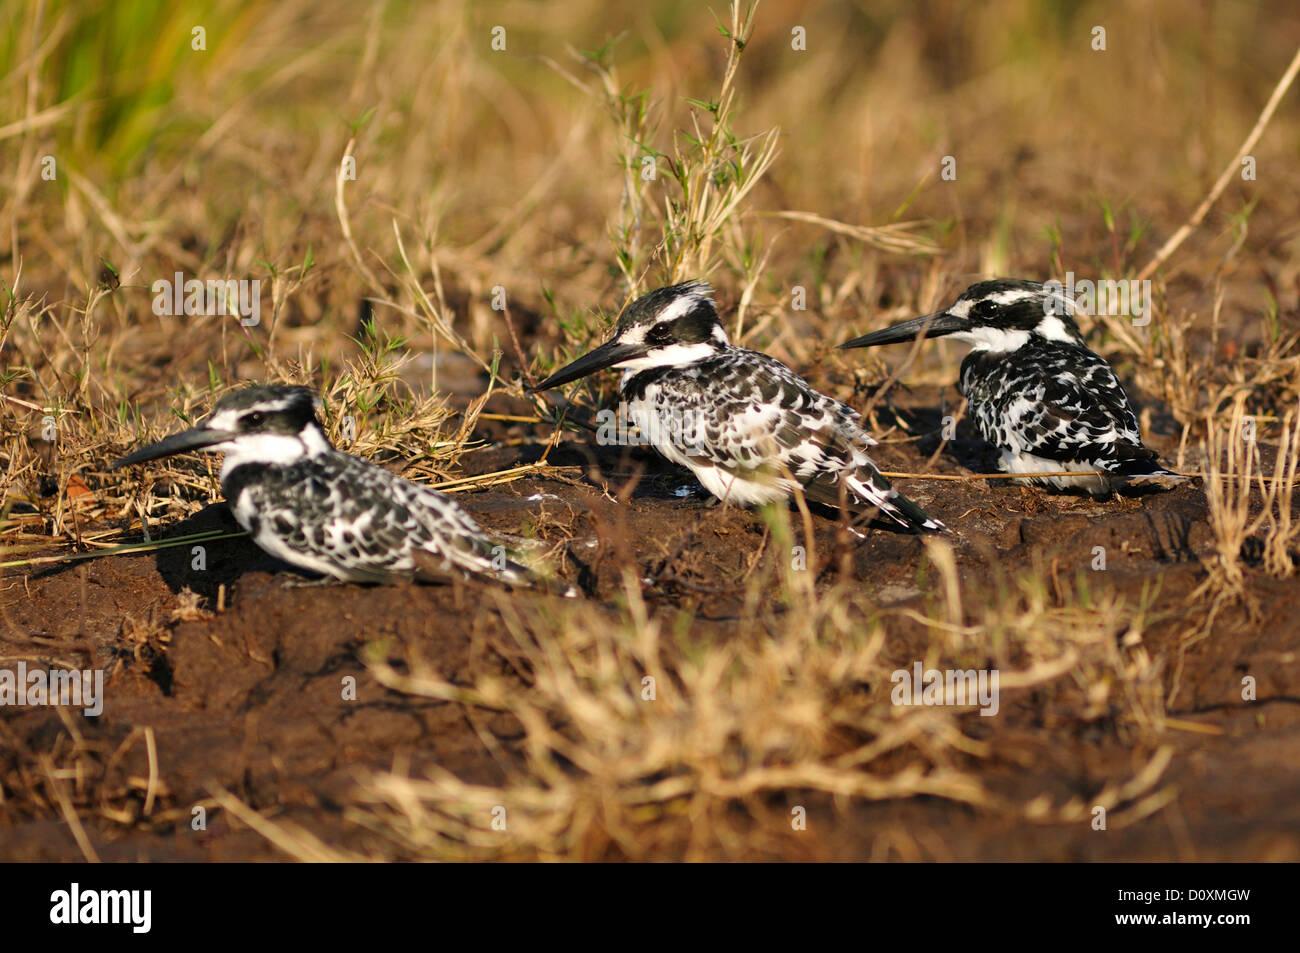 Africa, Botswana, Chobe, National Park, wildlife, Pied Kingfisher, Kingfisher, Ceryle rudis, perch, bill, fisher, Stock Photo